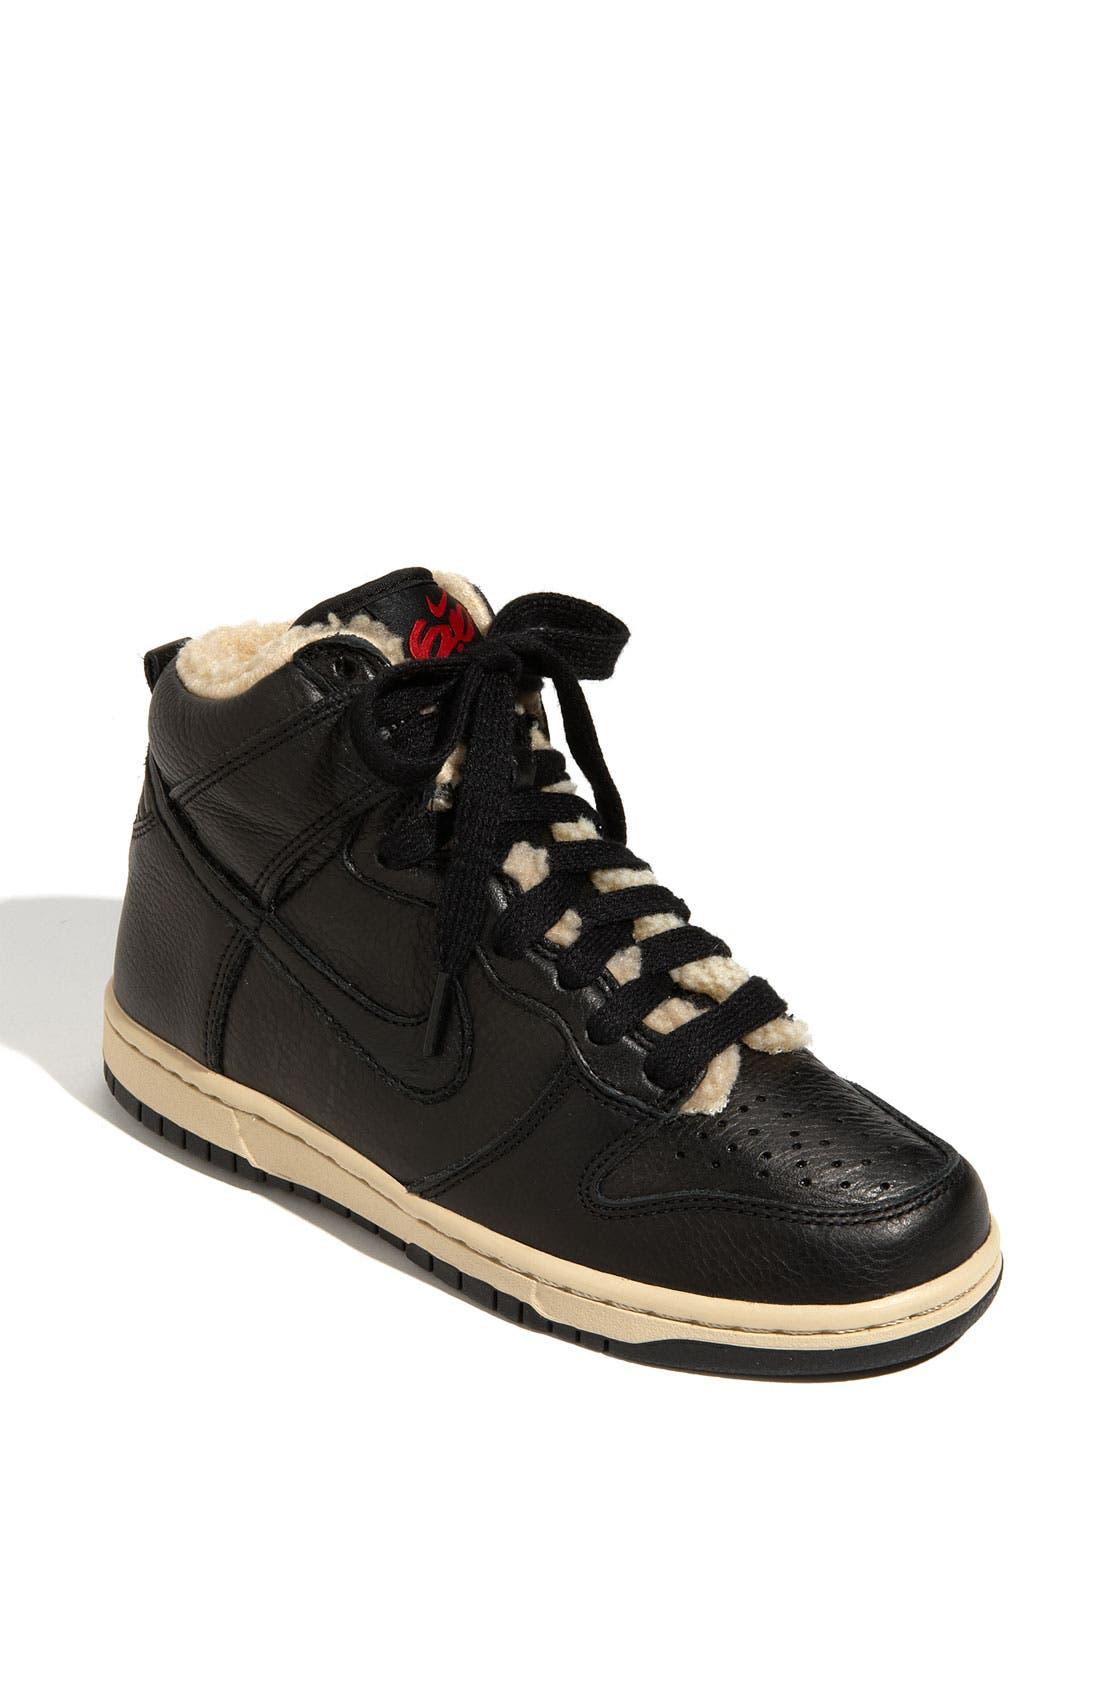 Main Image - Nike 'Dunk Hi 6.0 Premium' Sneaker